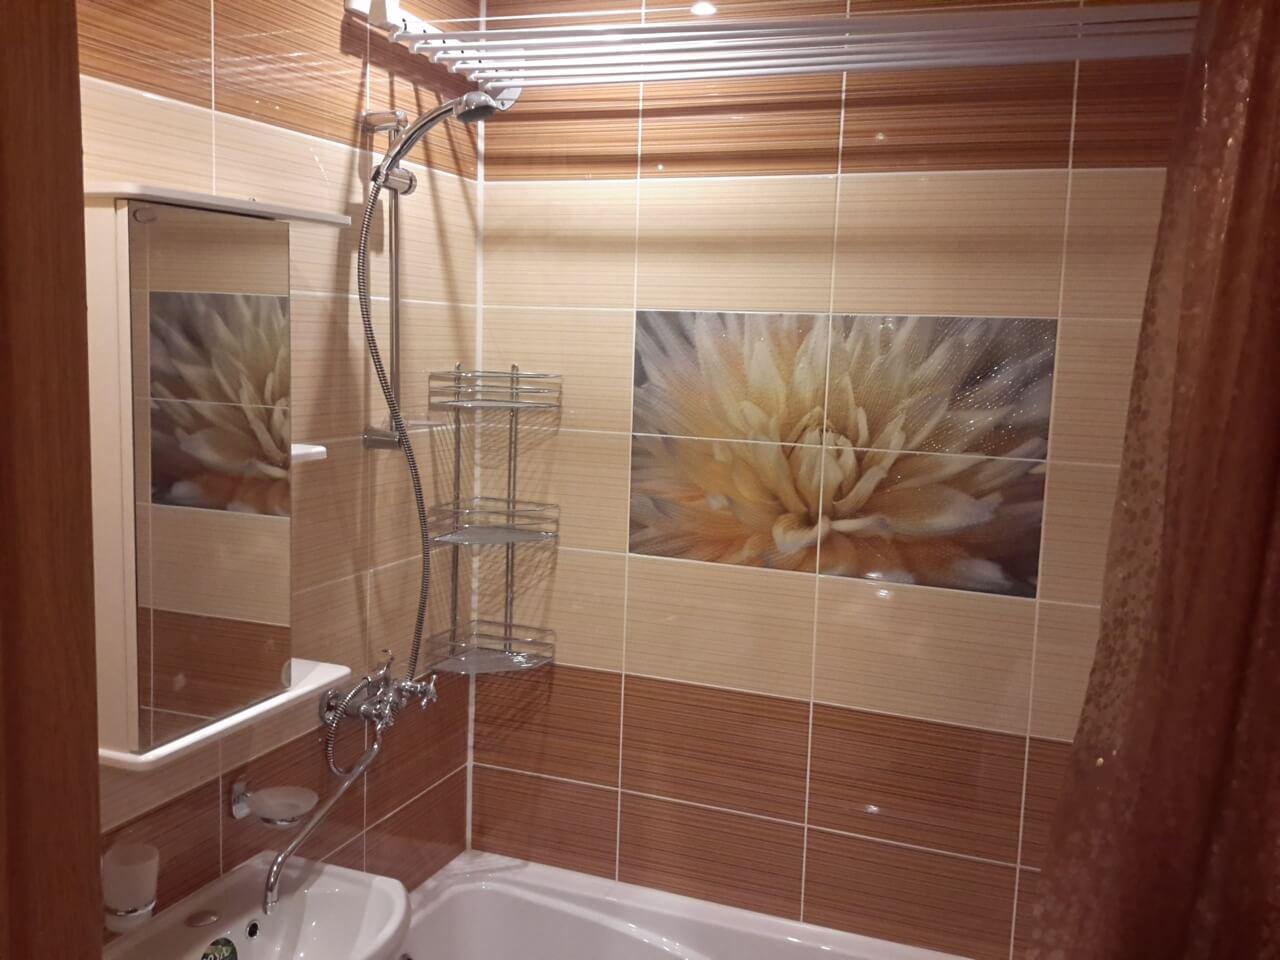 Ремонт в ванной комнате маленького размера